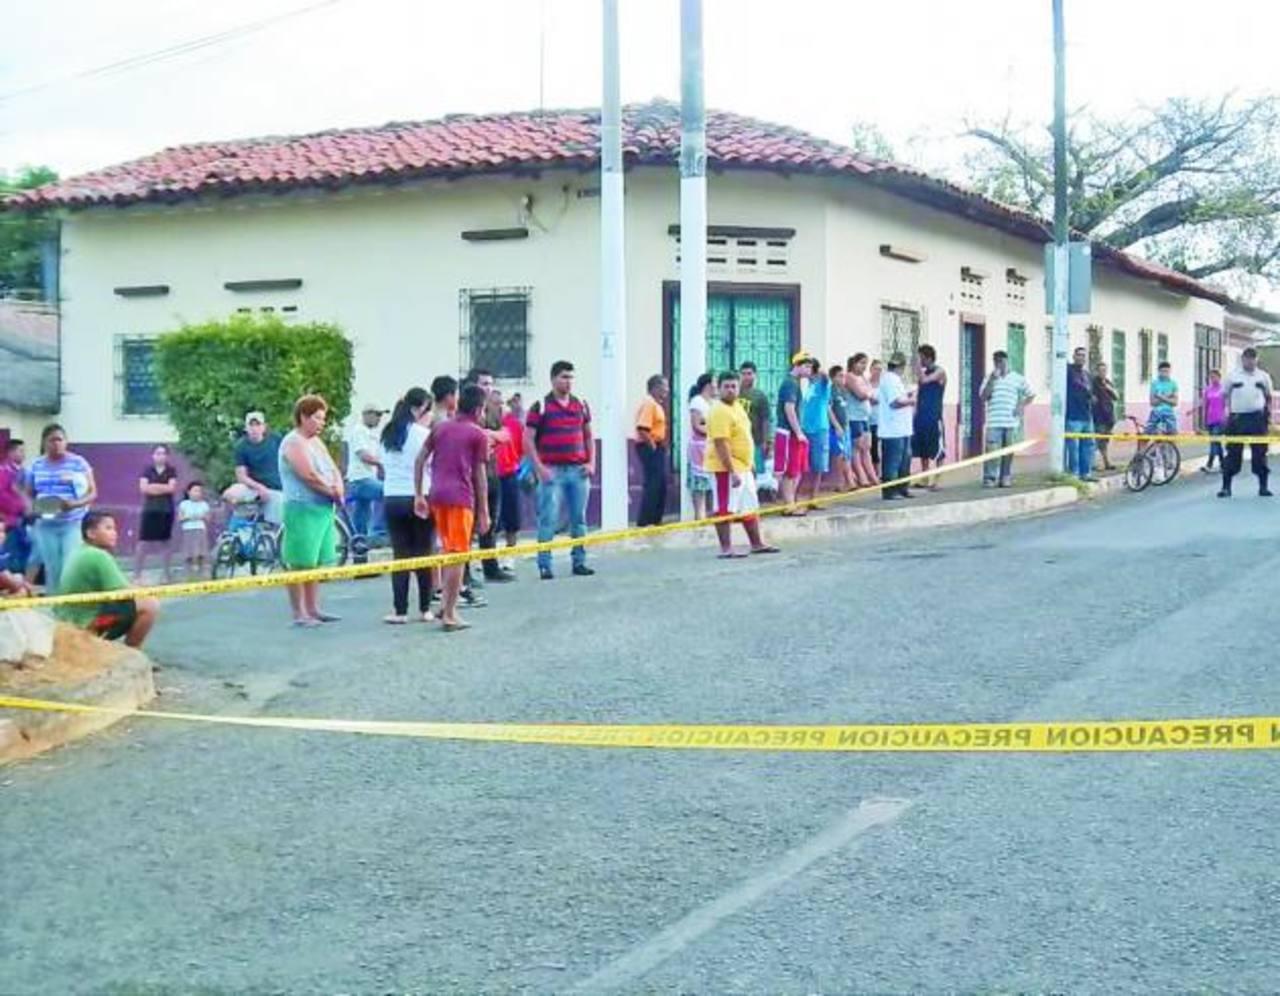 Según la tasa de homicidios por cada 100 mil habitantes, Sonsonate y San Vicente ocupan el primer y segundo lugar como los más violentos, respectivamente. Foto EDH / Archivo